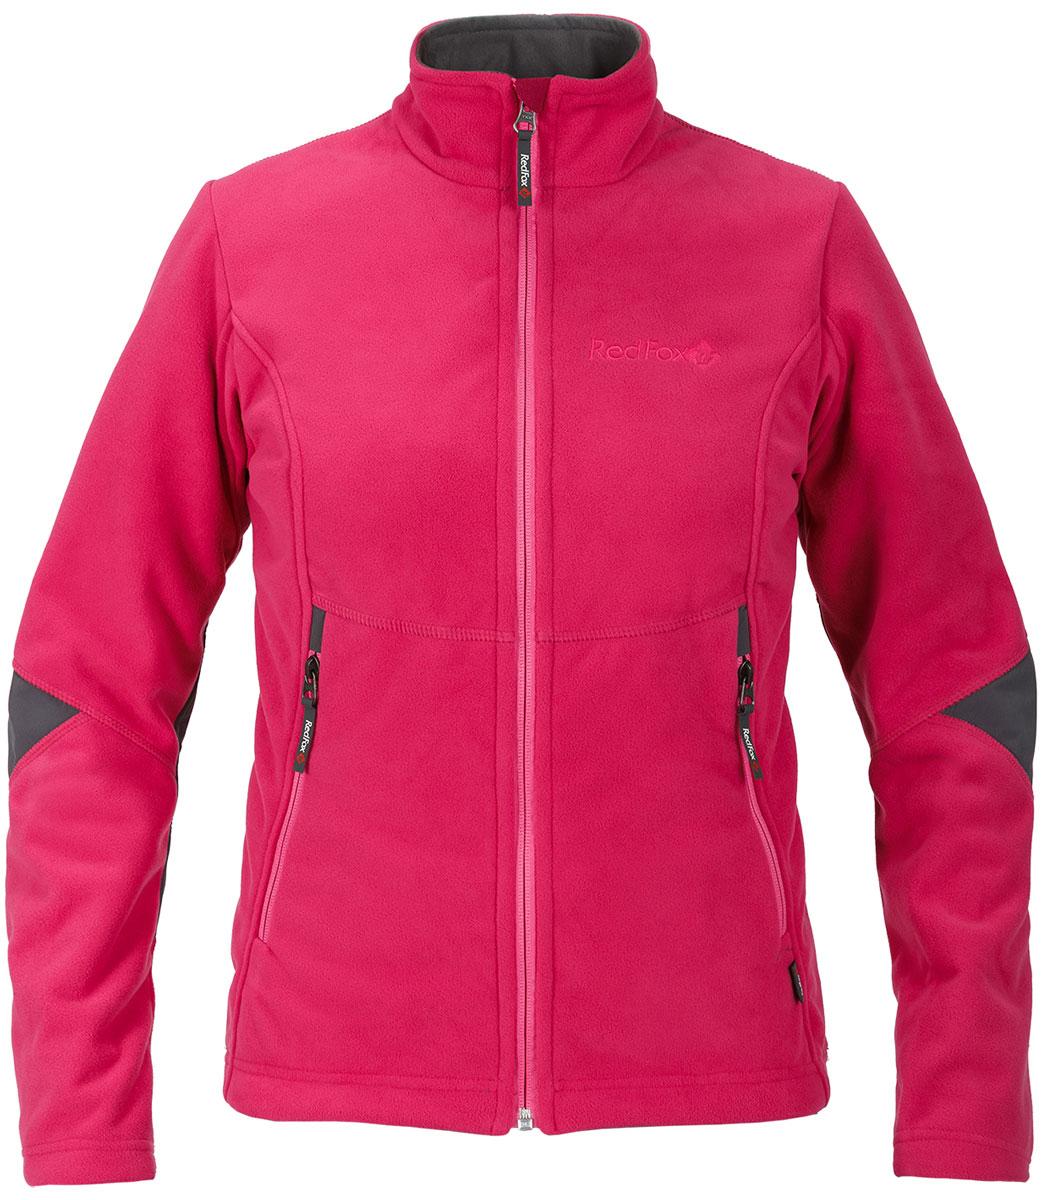 Куртка женская Red Fox, цвет: розовый. 1038183. Размер XL (52)1038183Стильная и надежна куртка для защиты от холода и ветра при занятиях спортом, активном отдыхе и любых видах путешествий. Обеспечивает свободу движений, тепло и комфорт, может использоваться в качестве наружного слоя в холодную и ветреную погоду. Профилированная конструкция рукава для максимальной свободы движений. Усиления в локтевой зоне. Два боковых кармана на молнии. Плоские швы.